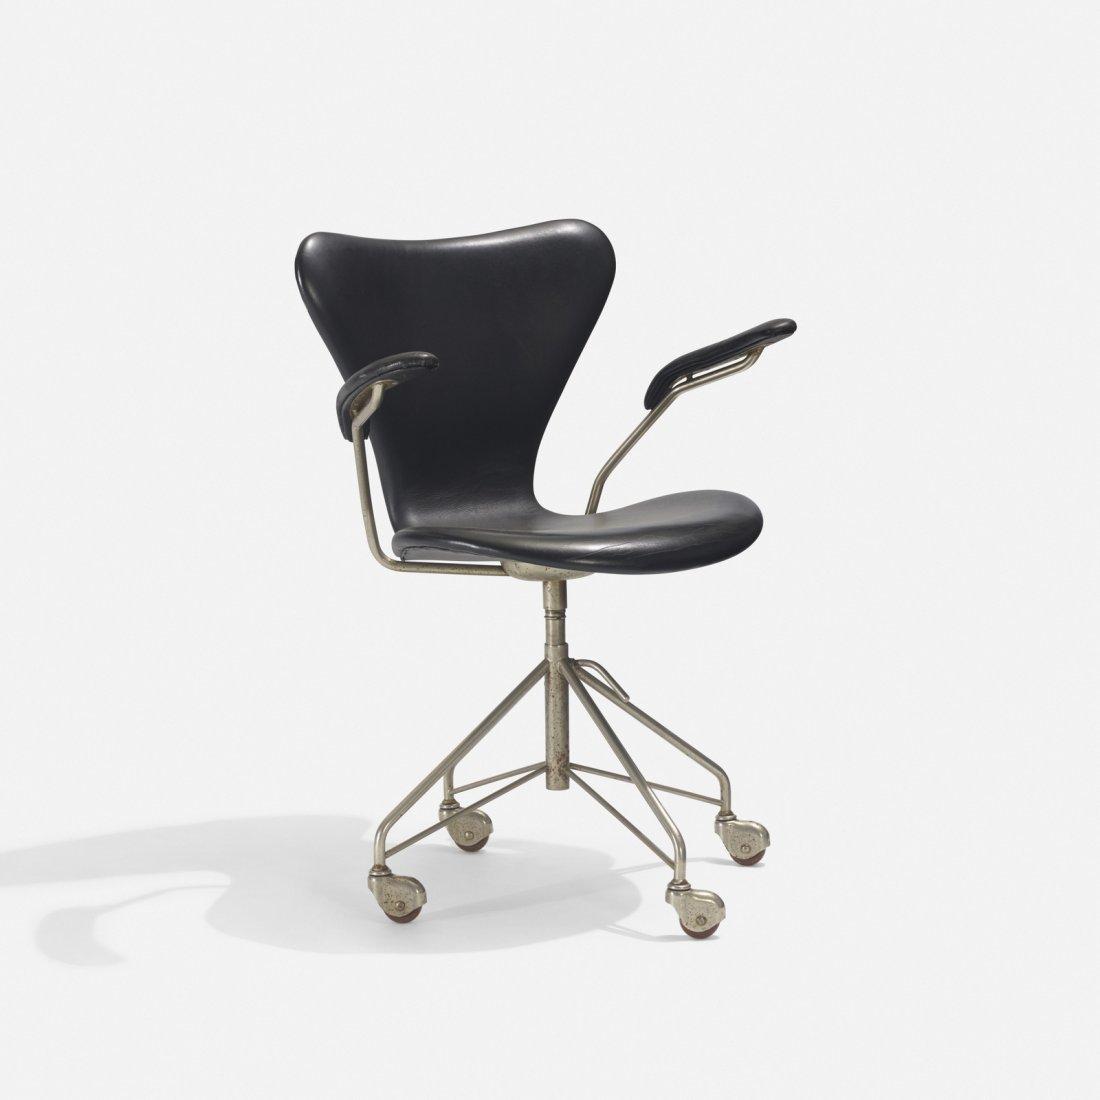 Arne Jacobsen, Sevener desk chair, model 3117 - 2